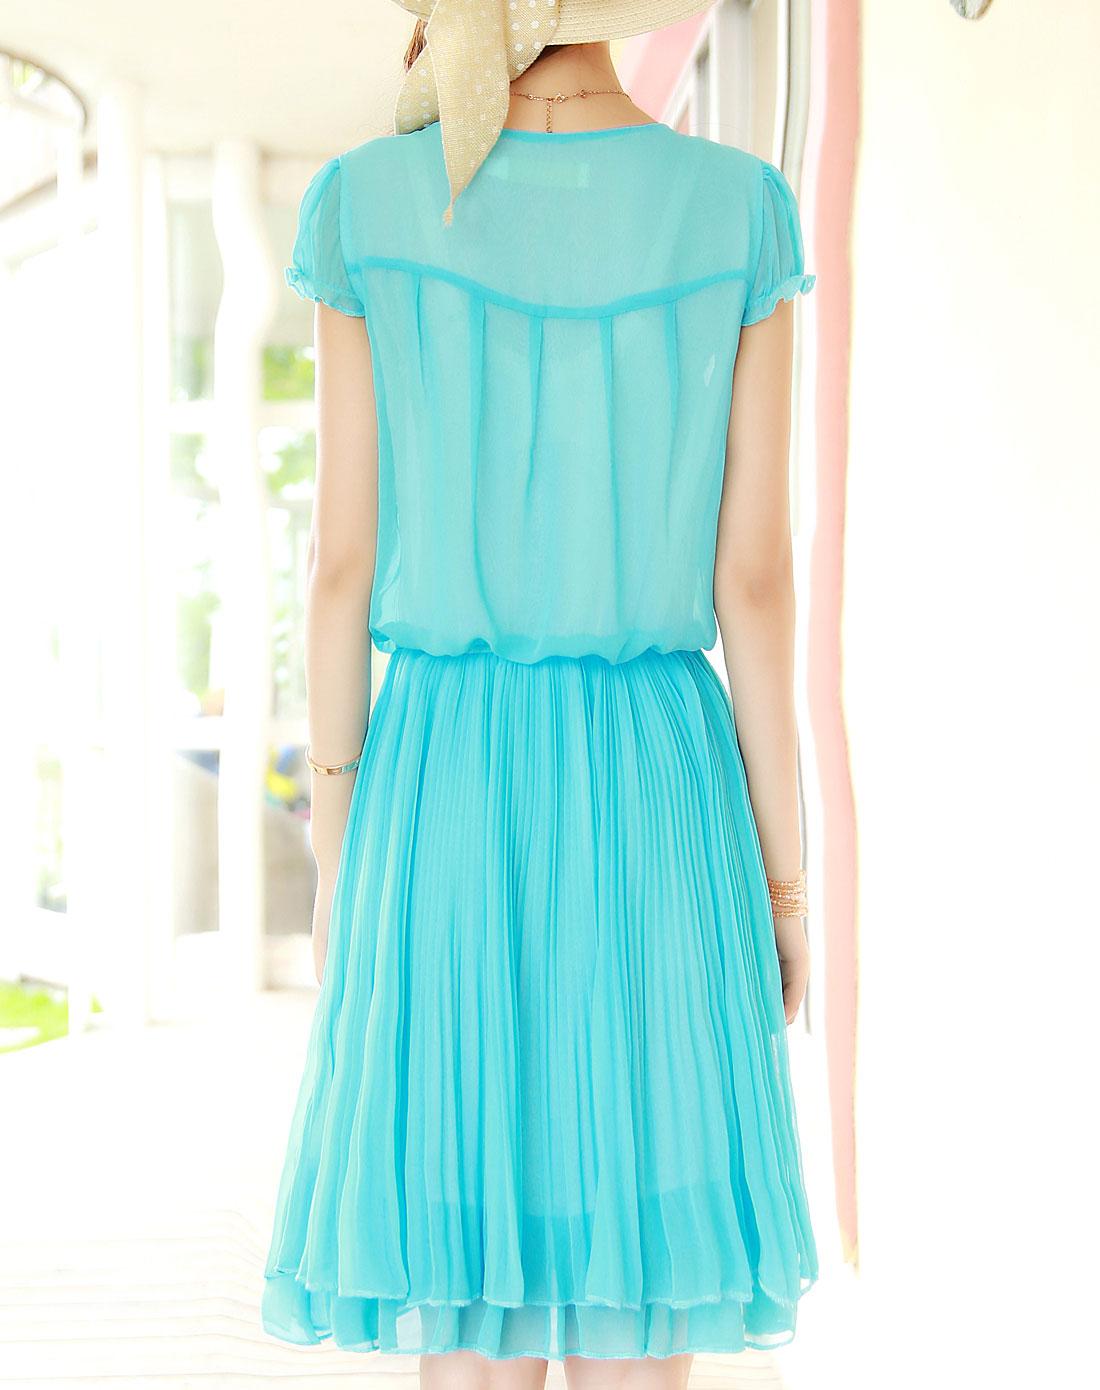 湖蓝可爱花边小圆领泡泡袖百褶连衣裙